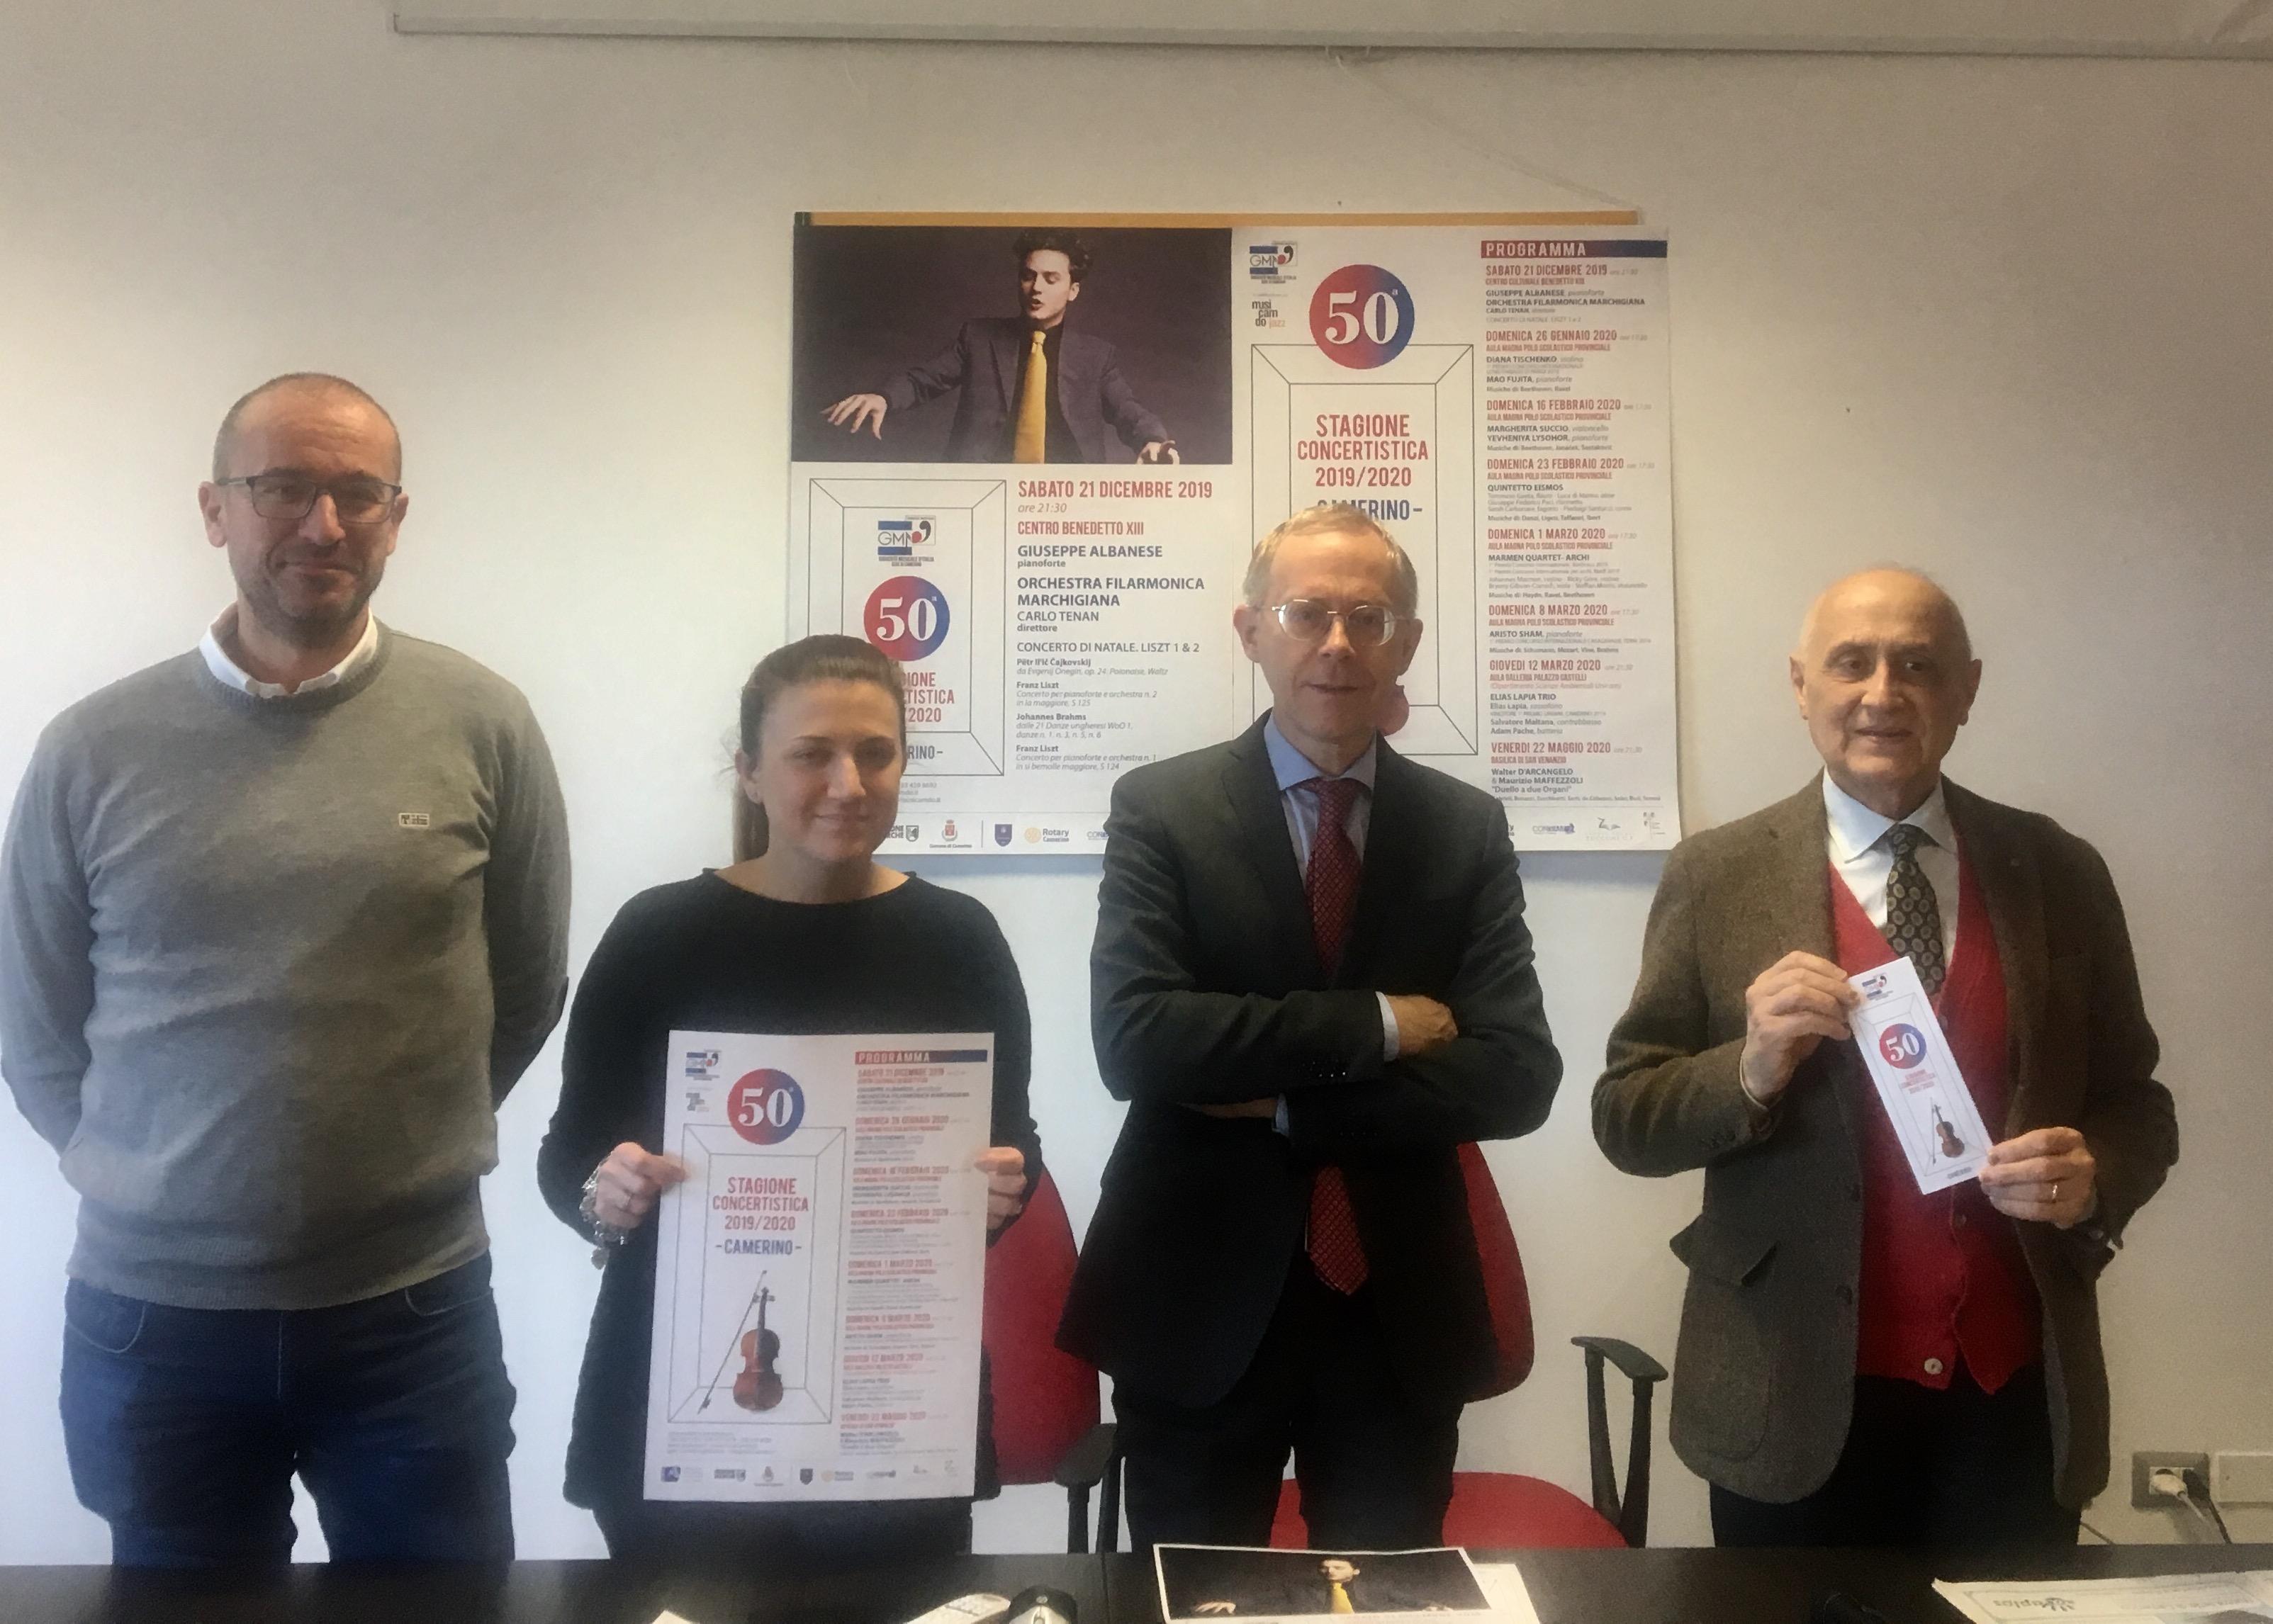 Daniele Massimi, Giovanna Sartori, Francesco Rosati, Corrado Zucconi